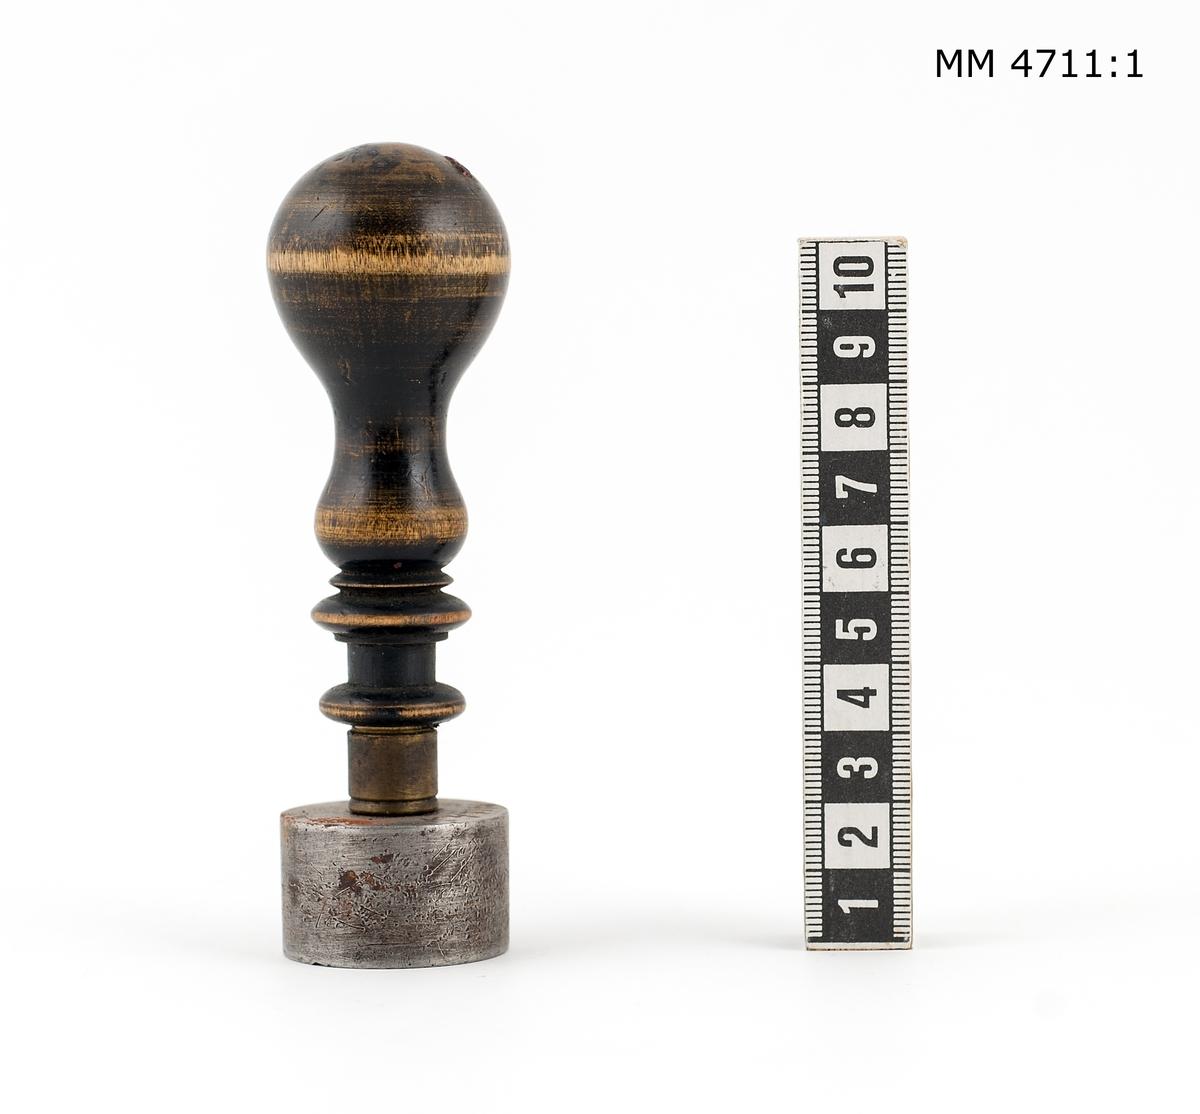 Sigill av stål. Cylindriskt med svarvat handtag av svartpolerat trä. Text: H.M. Pansarbåt Svea, dessutom ankare med kunglig krona omgivet av tre mindre kronor.